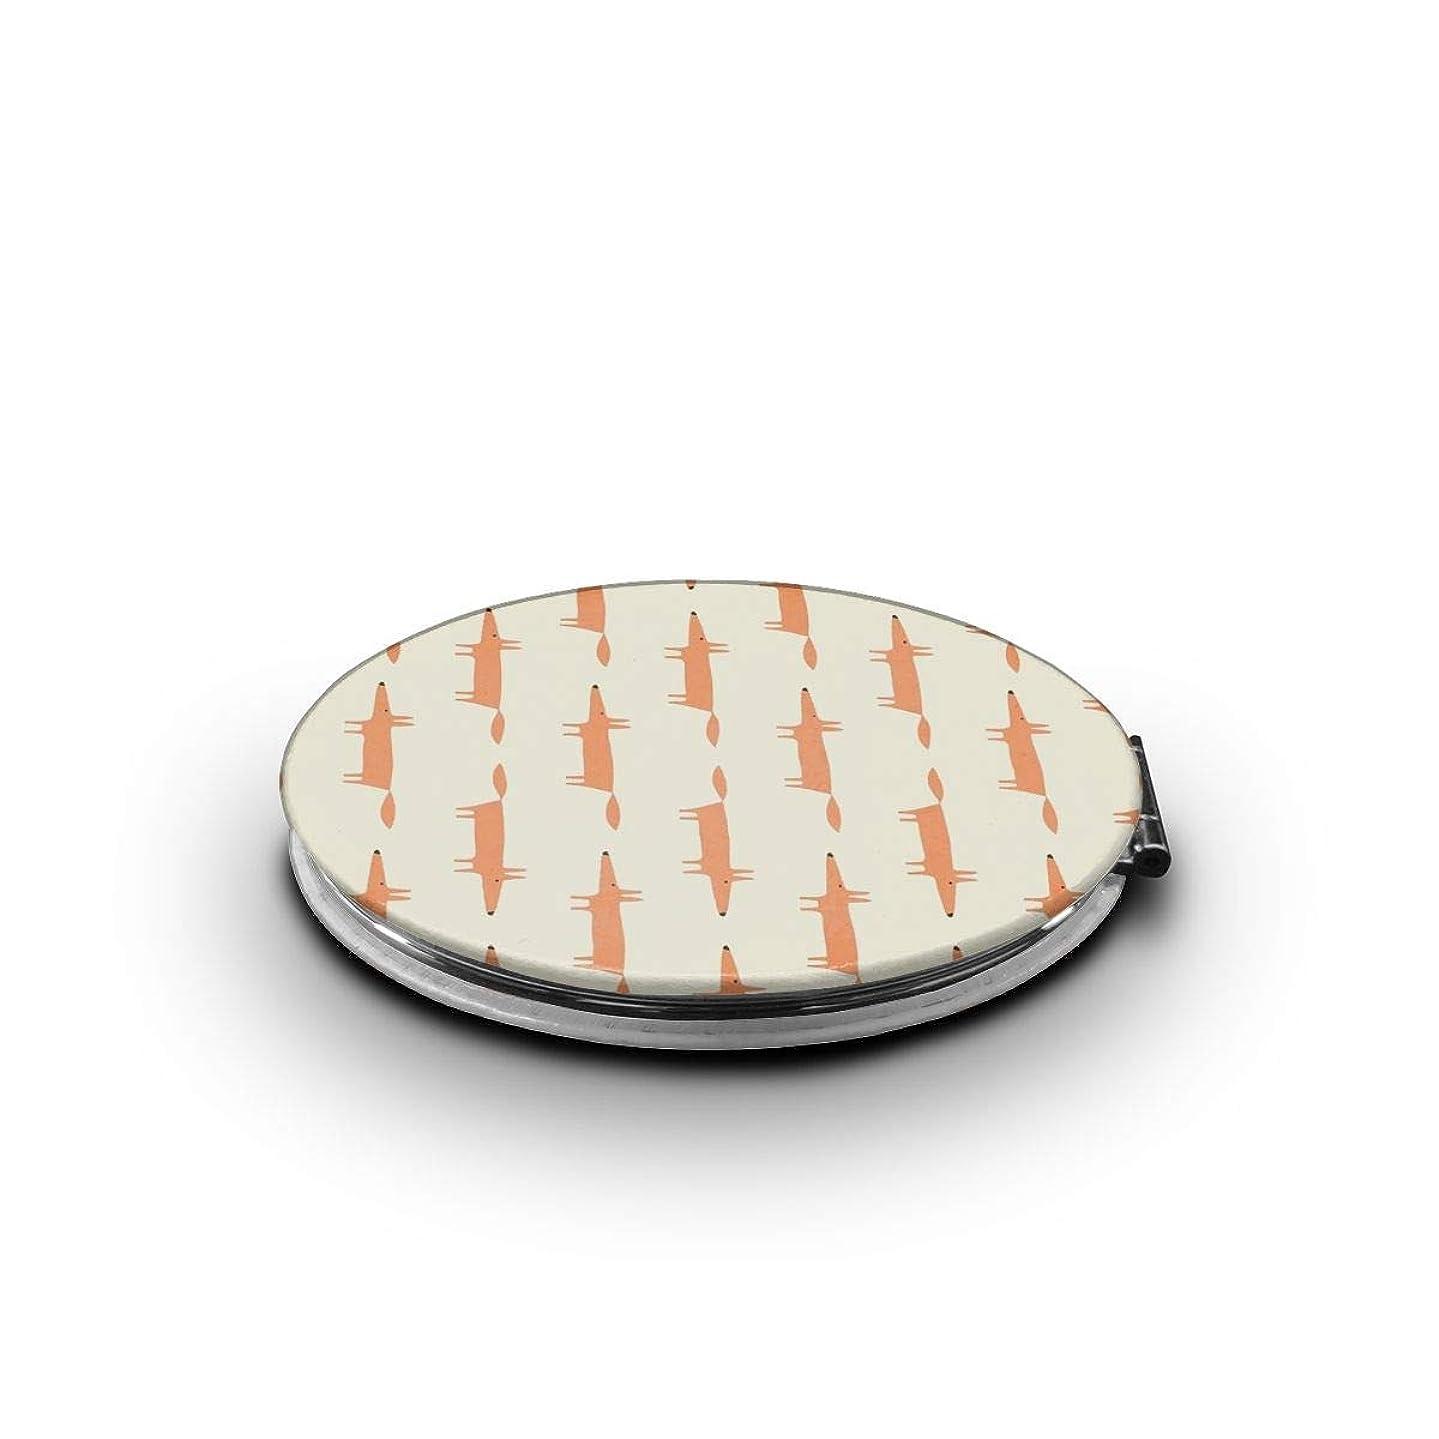 立法カール実験室ミラー 化粧鏡 スクールホリデークラフトのアイデア コンパクトミラー 軽量 丸型 折りたたみ鏡